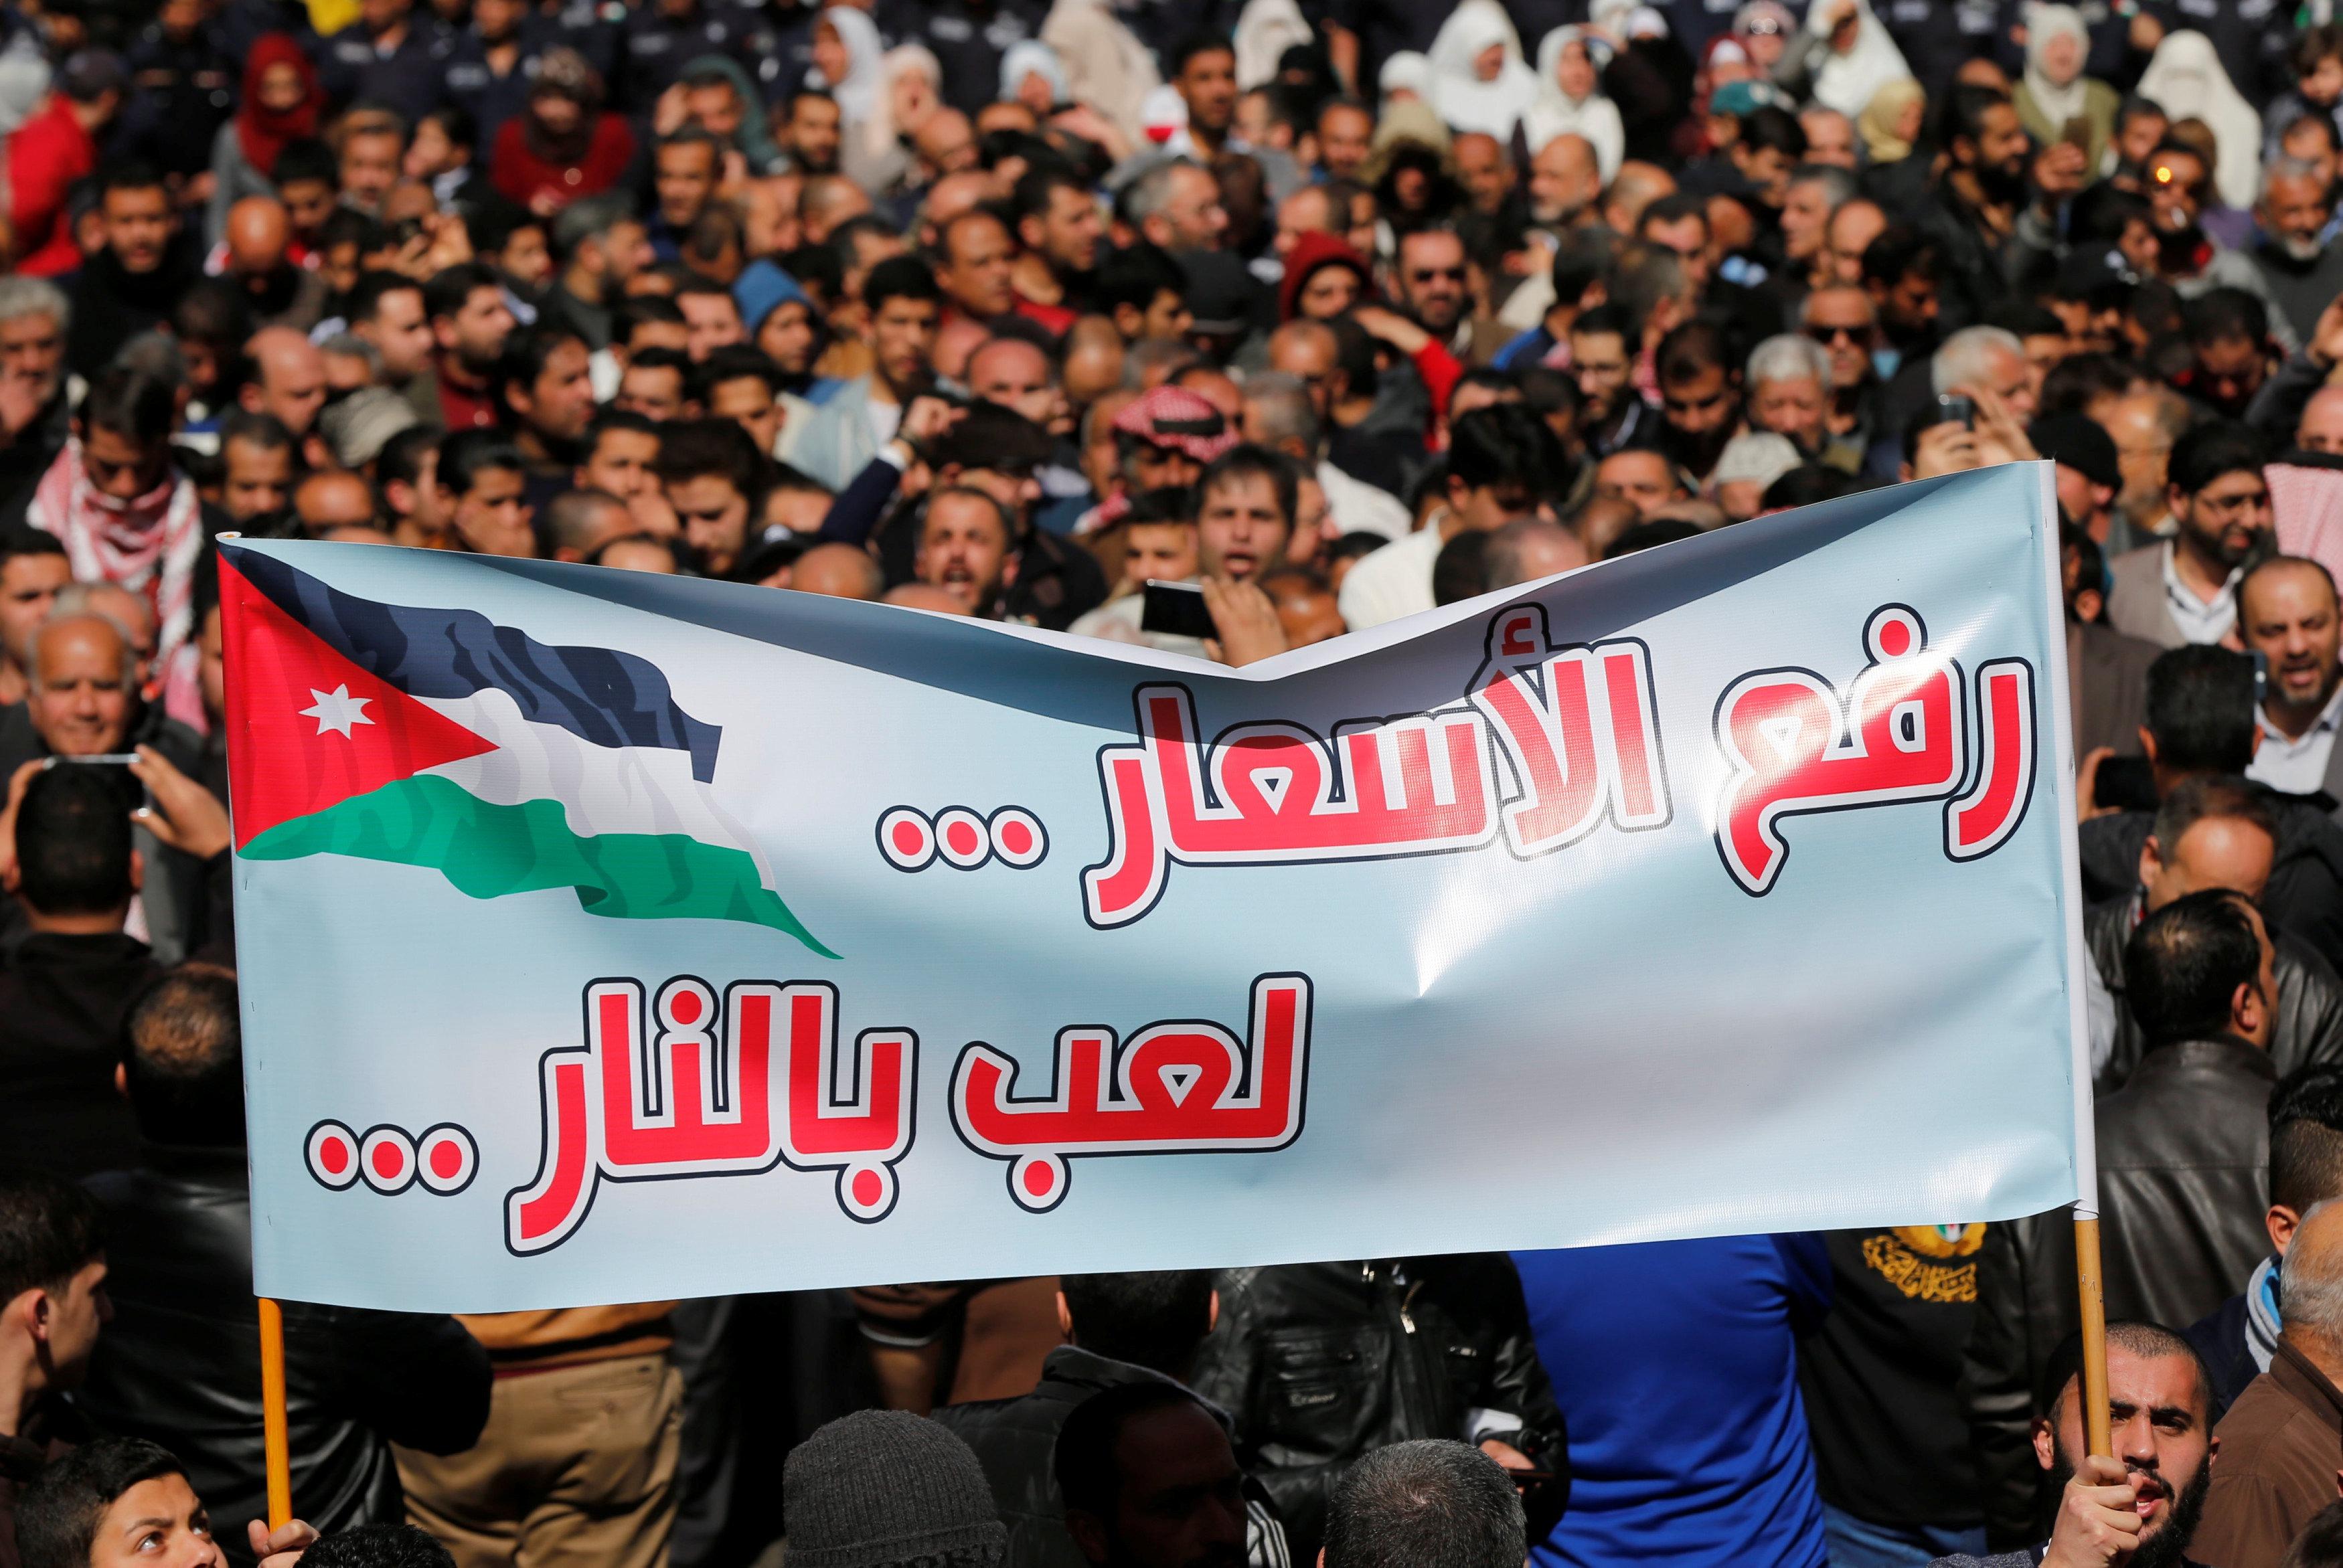 استقالة الحكومة الأردنية بعد المظاهرات المعارضة لغلاء «البنزين»